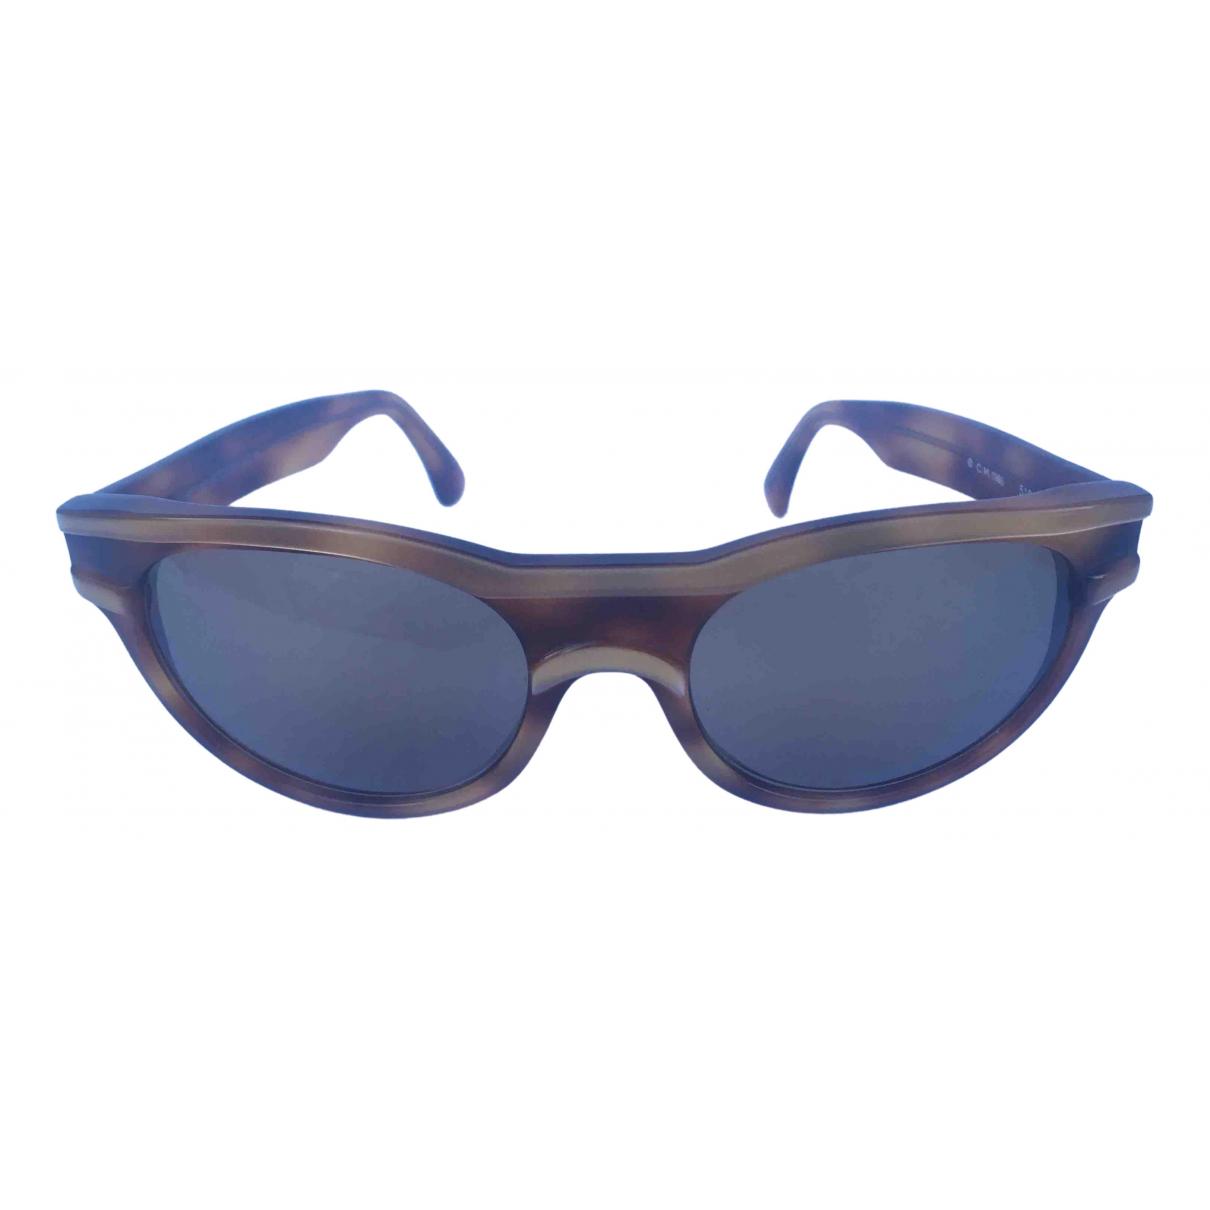 Gafas oversize Claude Montana